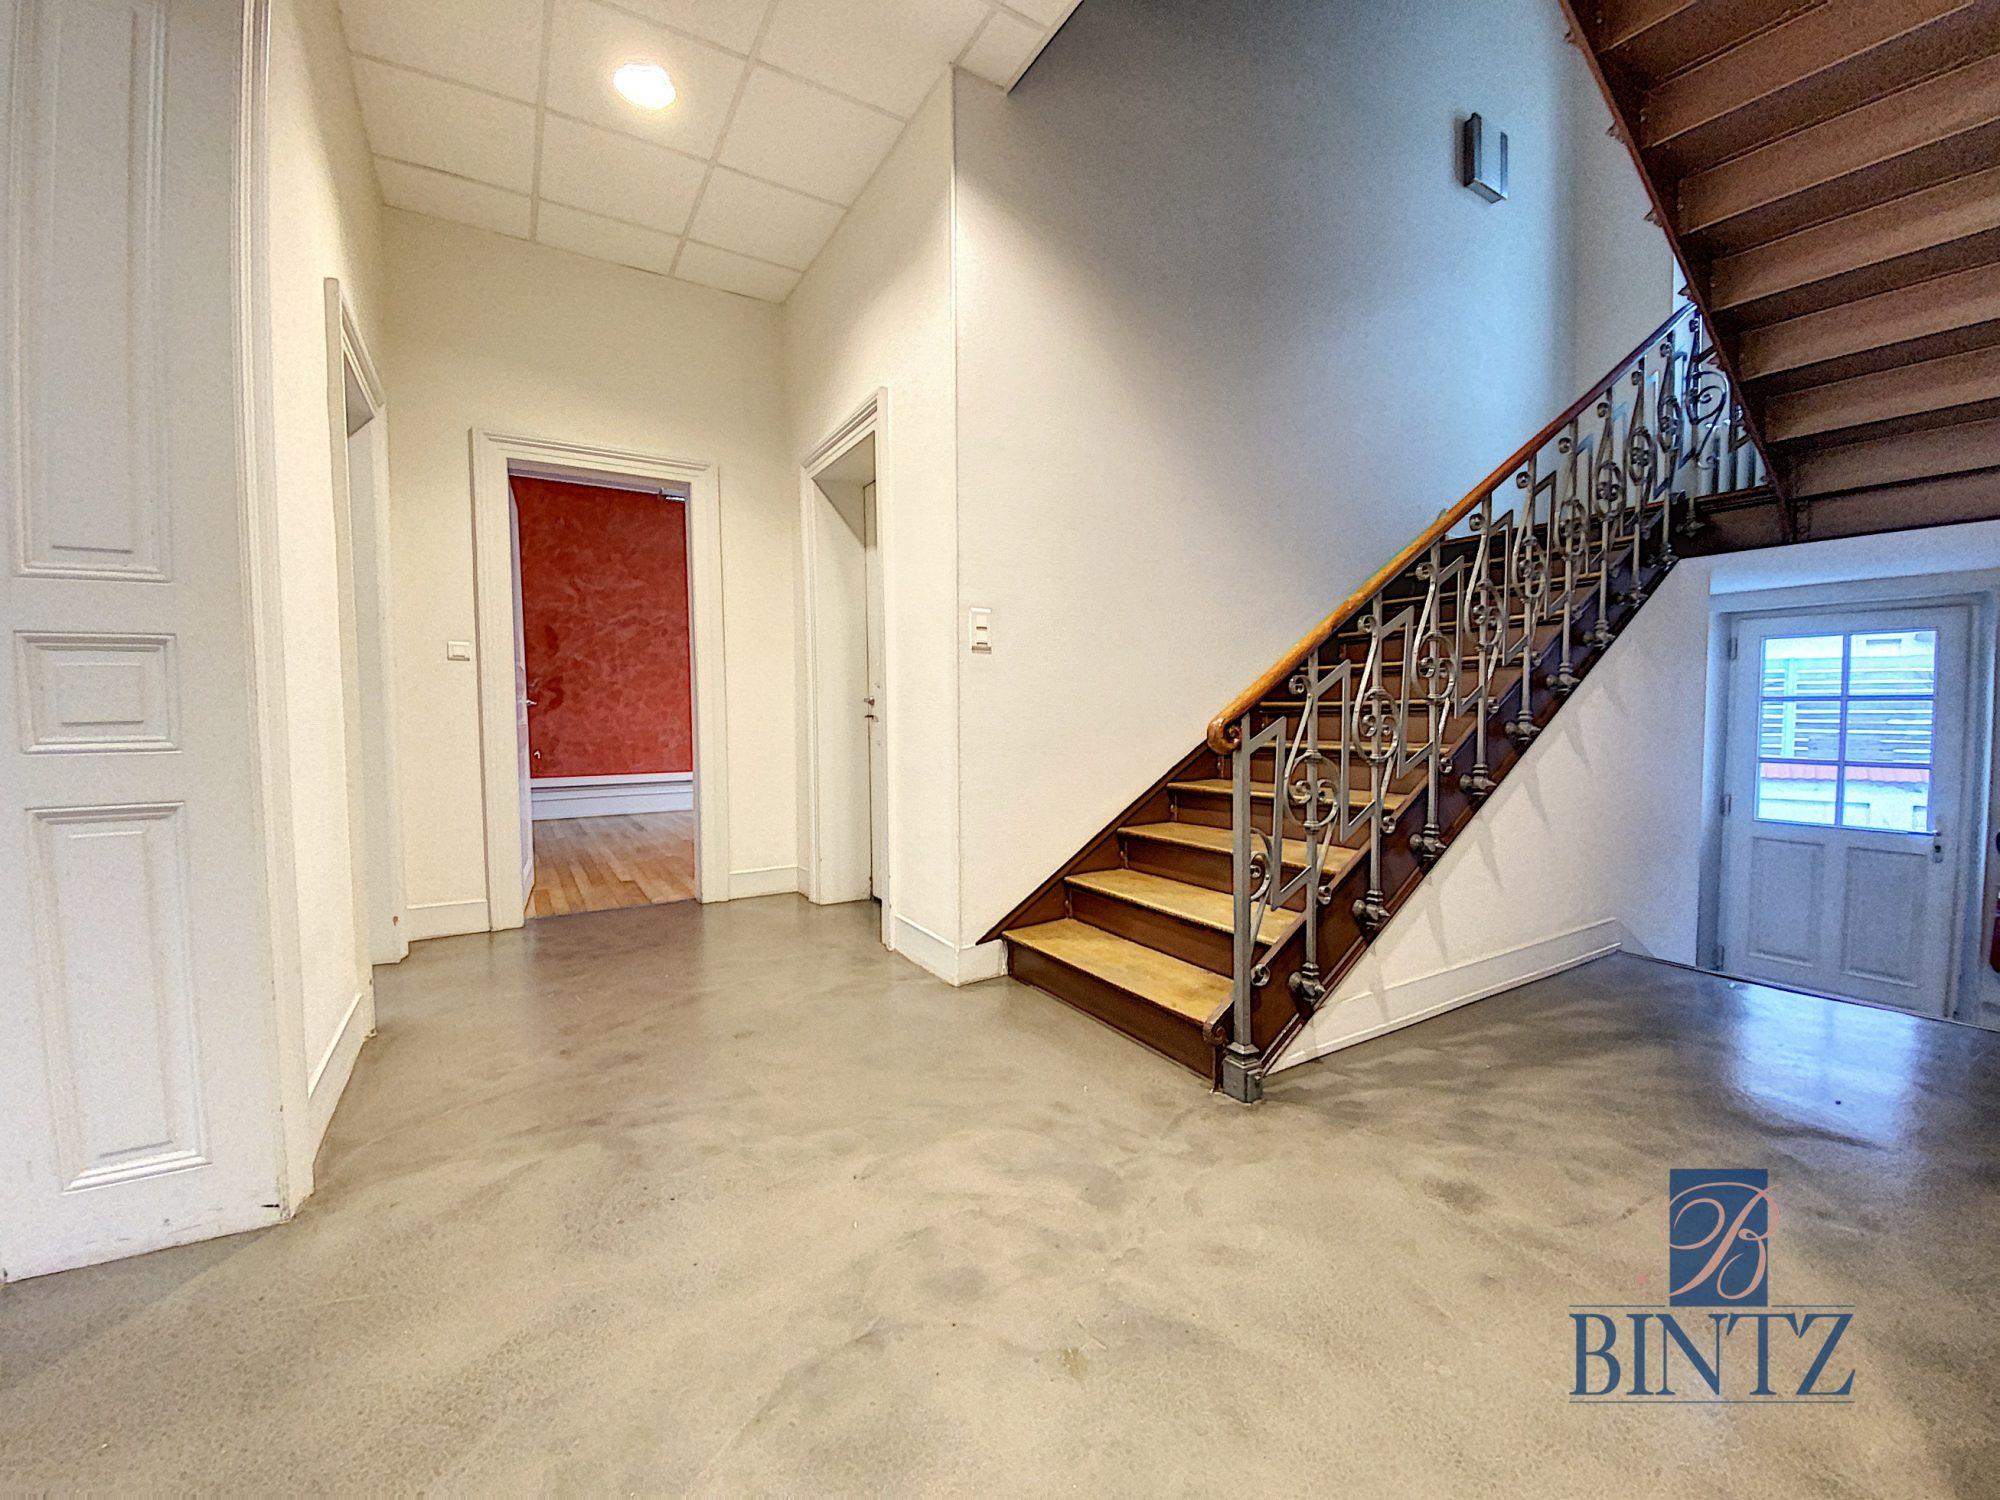 Immeuble de bureaux à louer - Devenez locataire en toute sérénité - Bintz Immobilier - 6